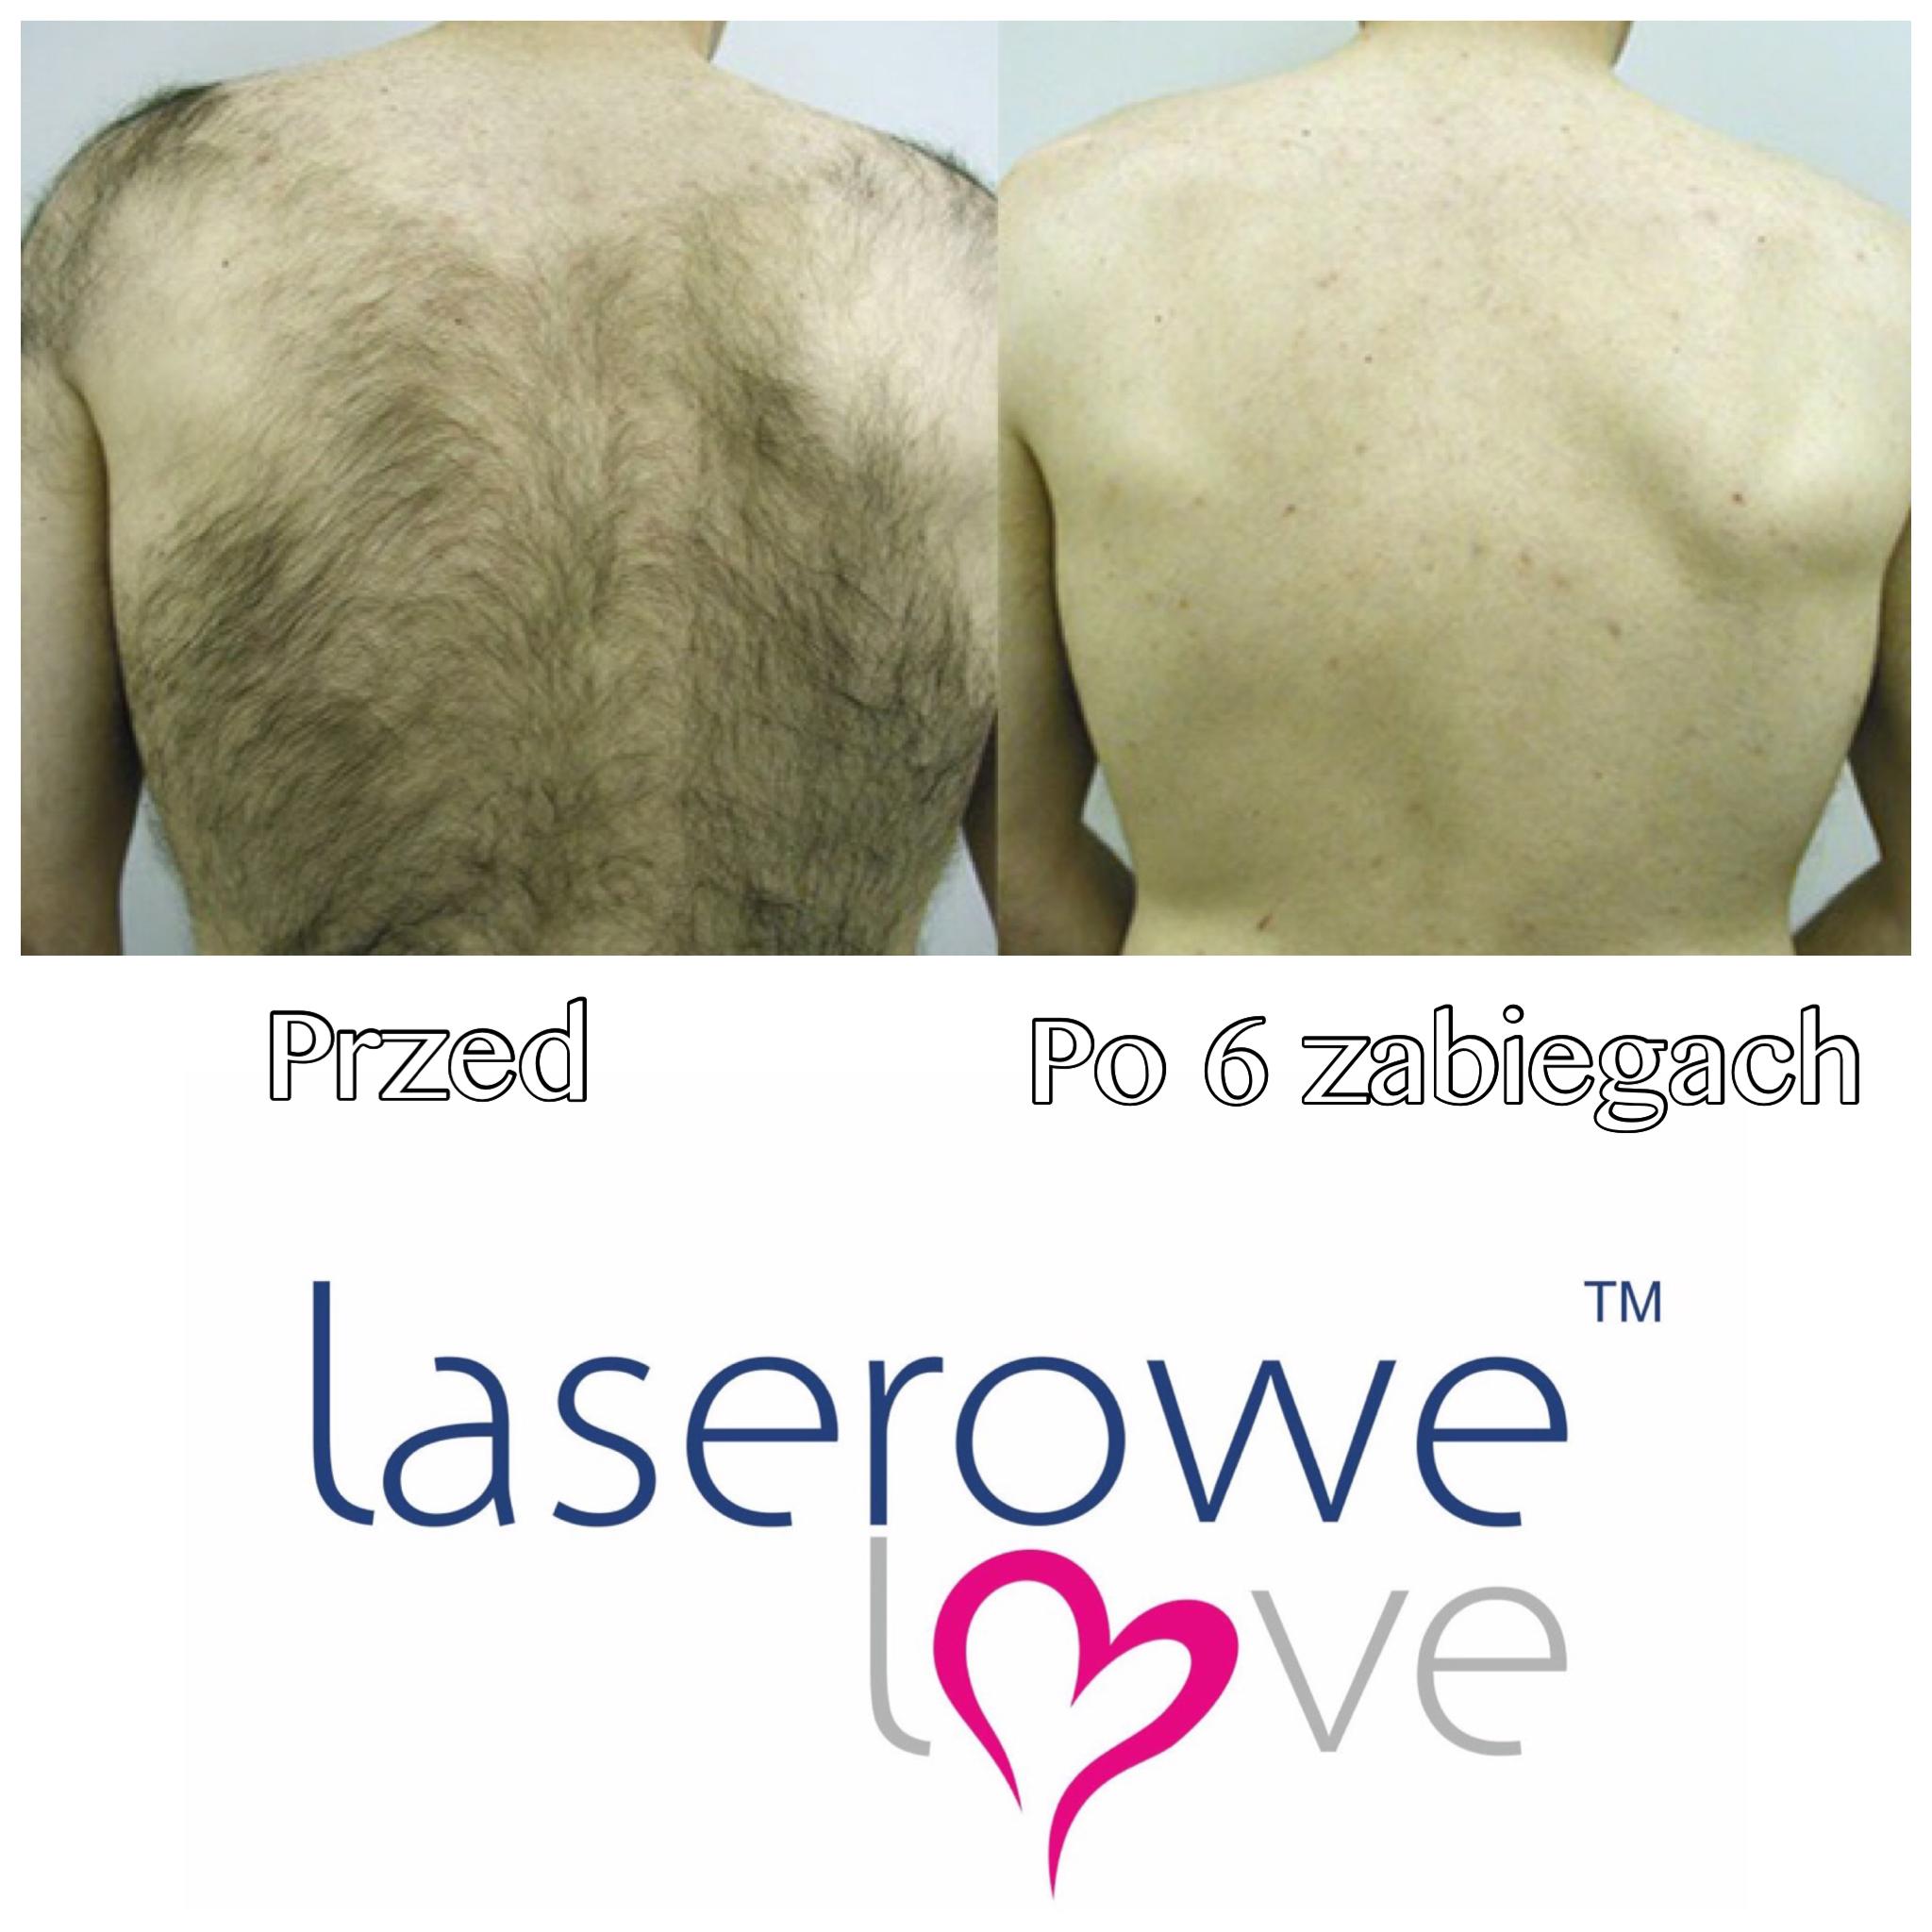 laserowe-love-raciborz-ightsheer-desire-trwale-skuteczne-usuwanie-owlosienia_7950 00.52.37